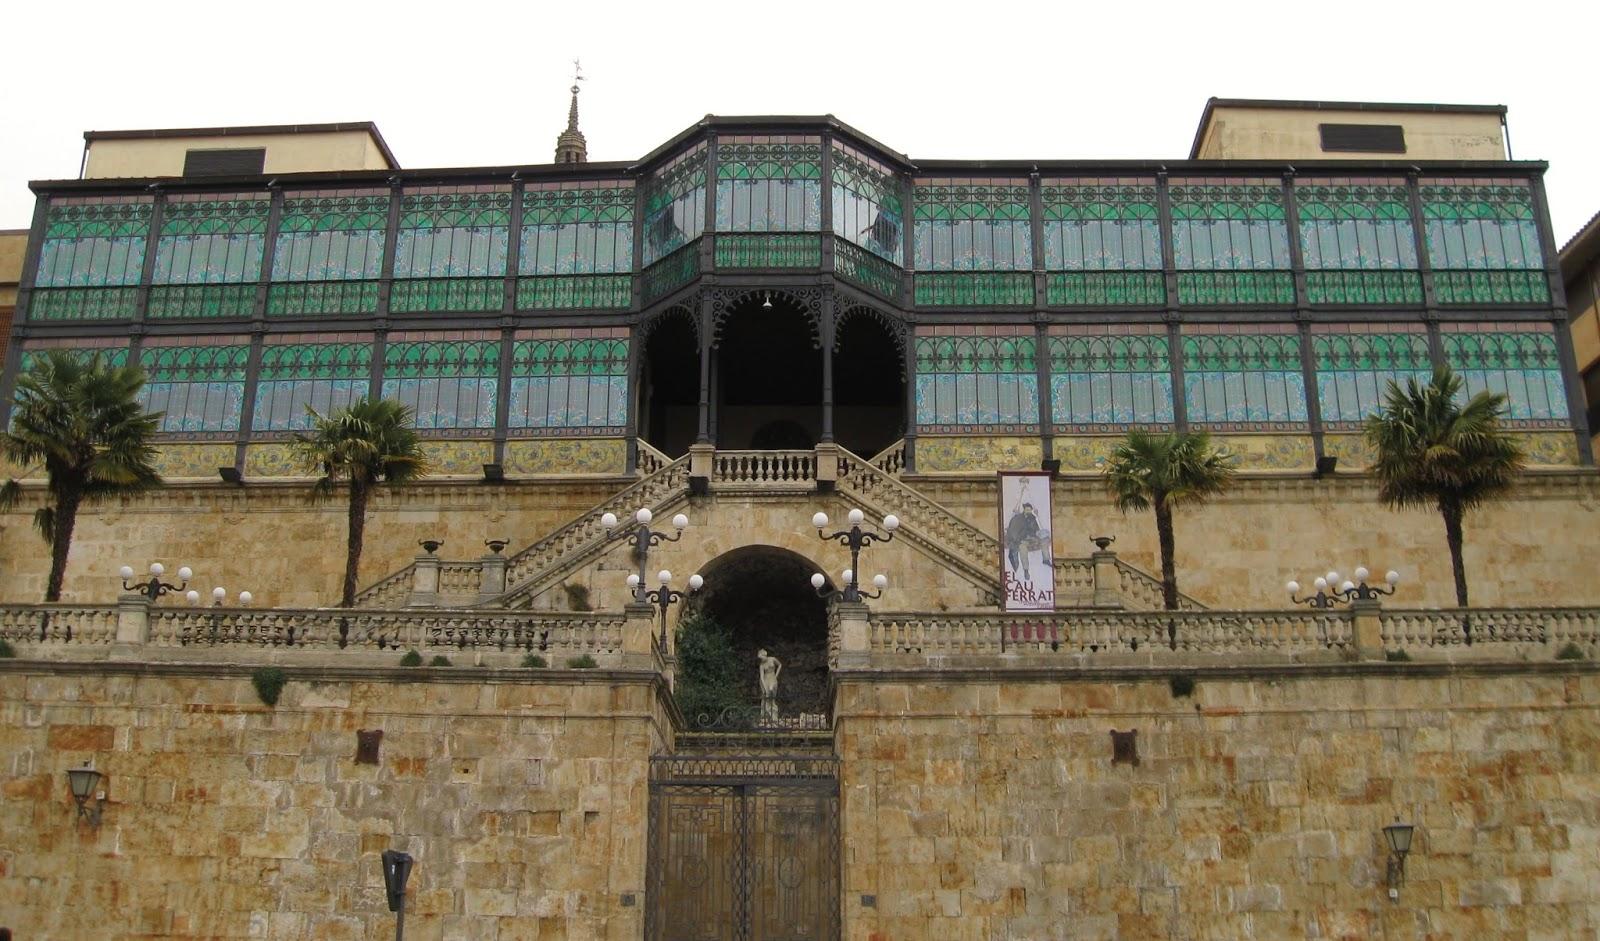 Blog De T A Tula Colegio De Espa Ol Salamanca Agosto 2015 # Muebles Epoca Salamanca